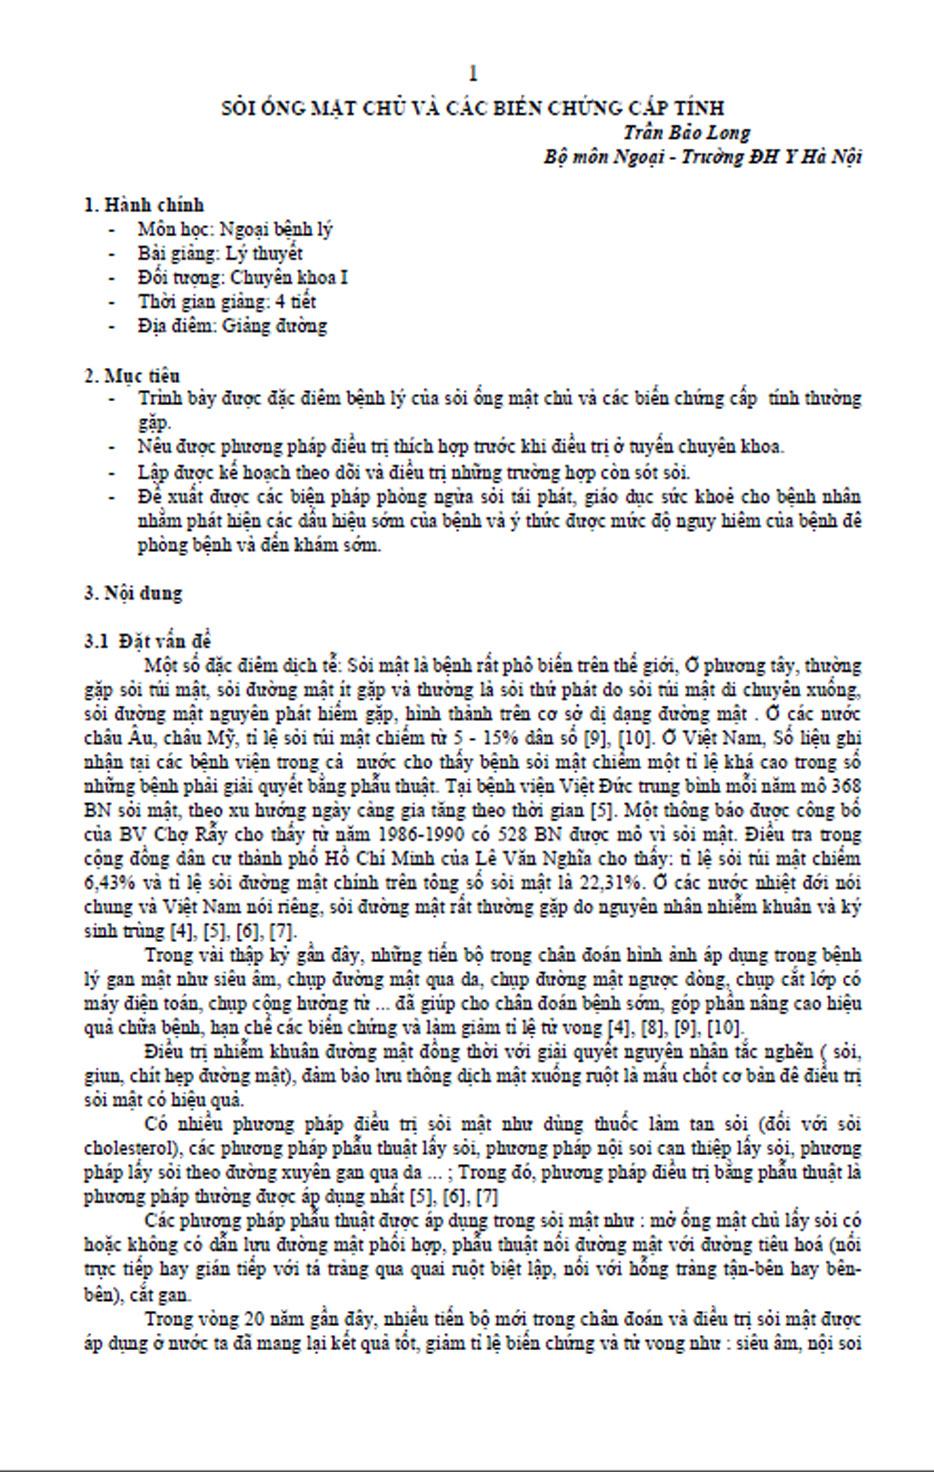 [PDF] Sỏi ống mật chủ và các biến chứng cấp tính – PGS. Trần Bảo Long, Bộ môn Ngoại – Đại học Y Hà Nội